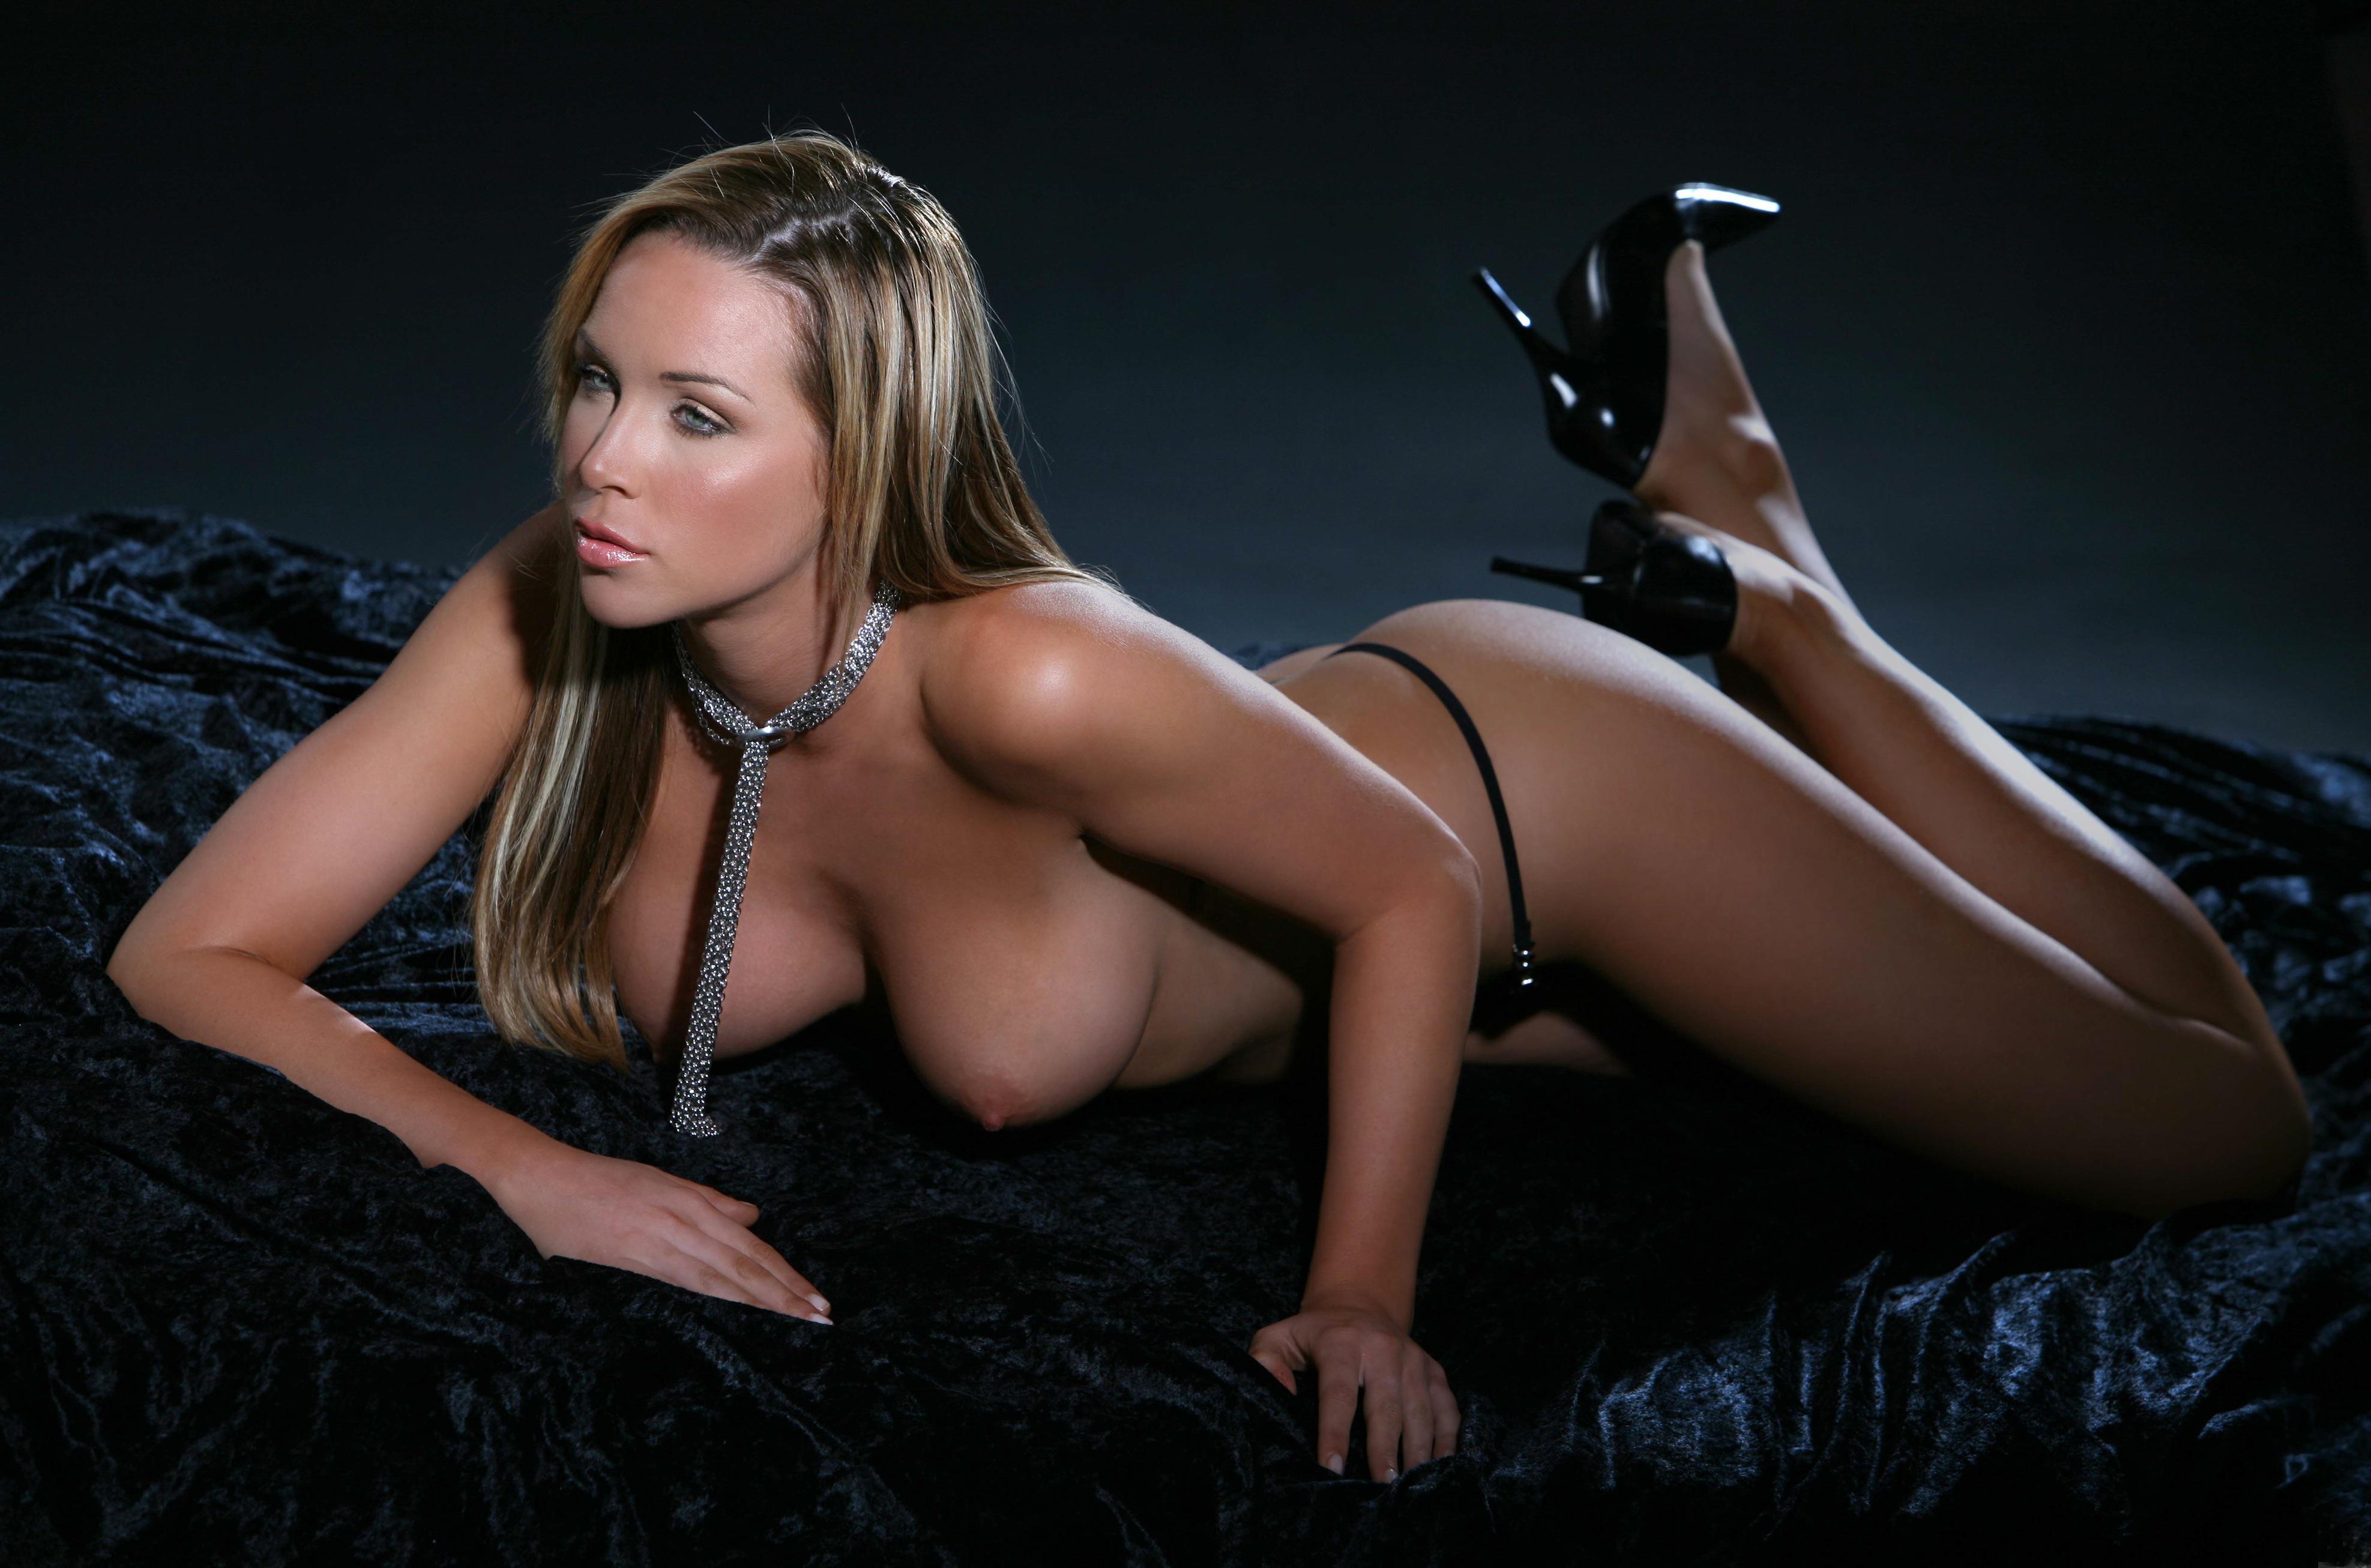 Emily scott naked porn